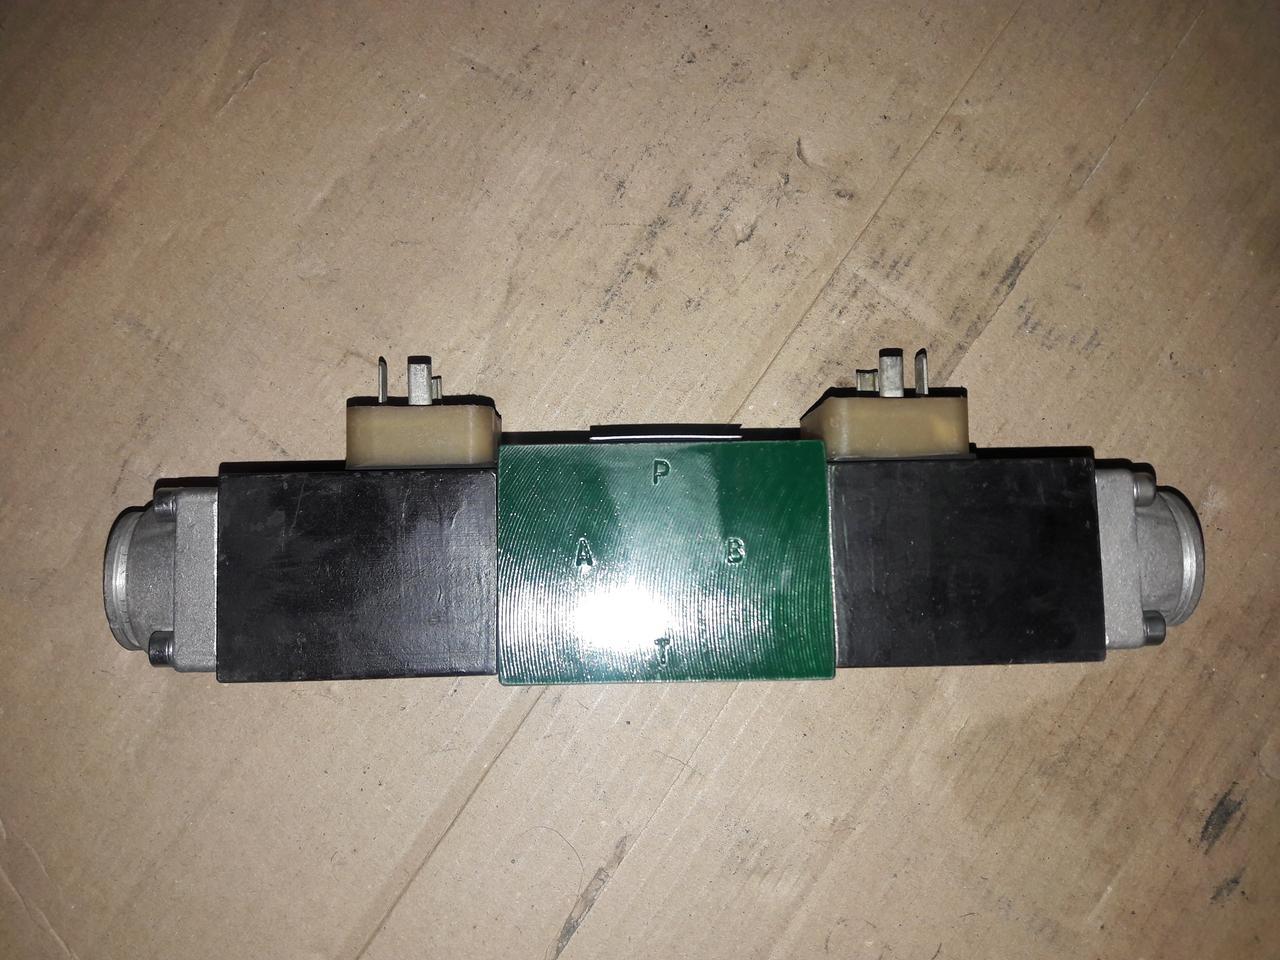 Гидрораспределитель РГ-6/3СЕ.14 (РГС4-6/3СЕ.14) Г24 В110 В220 Г12